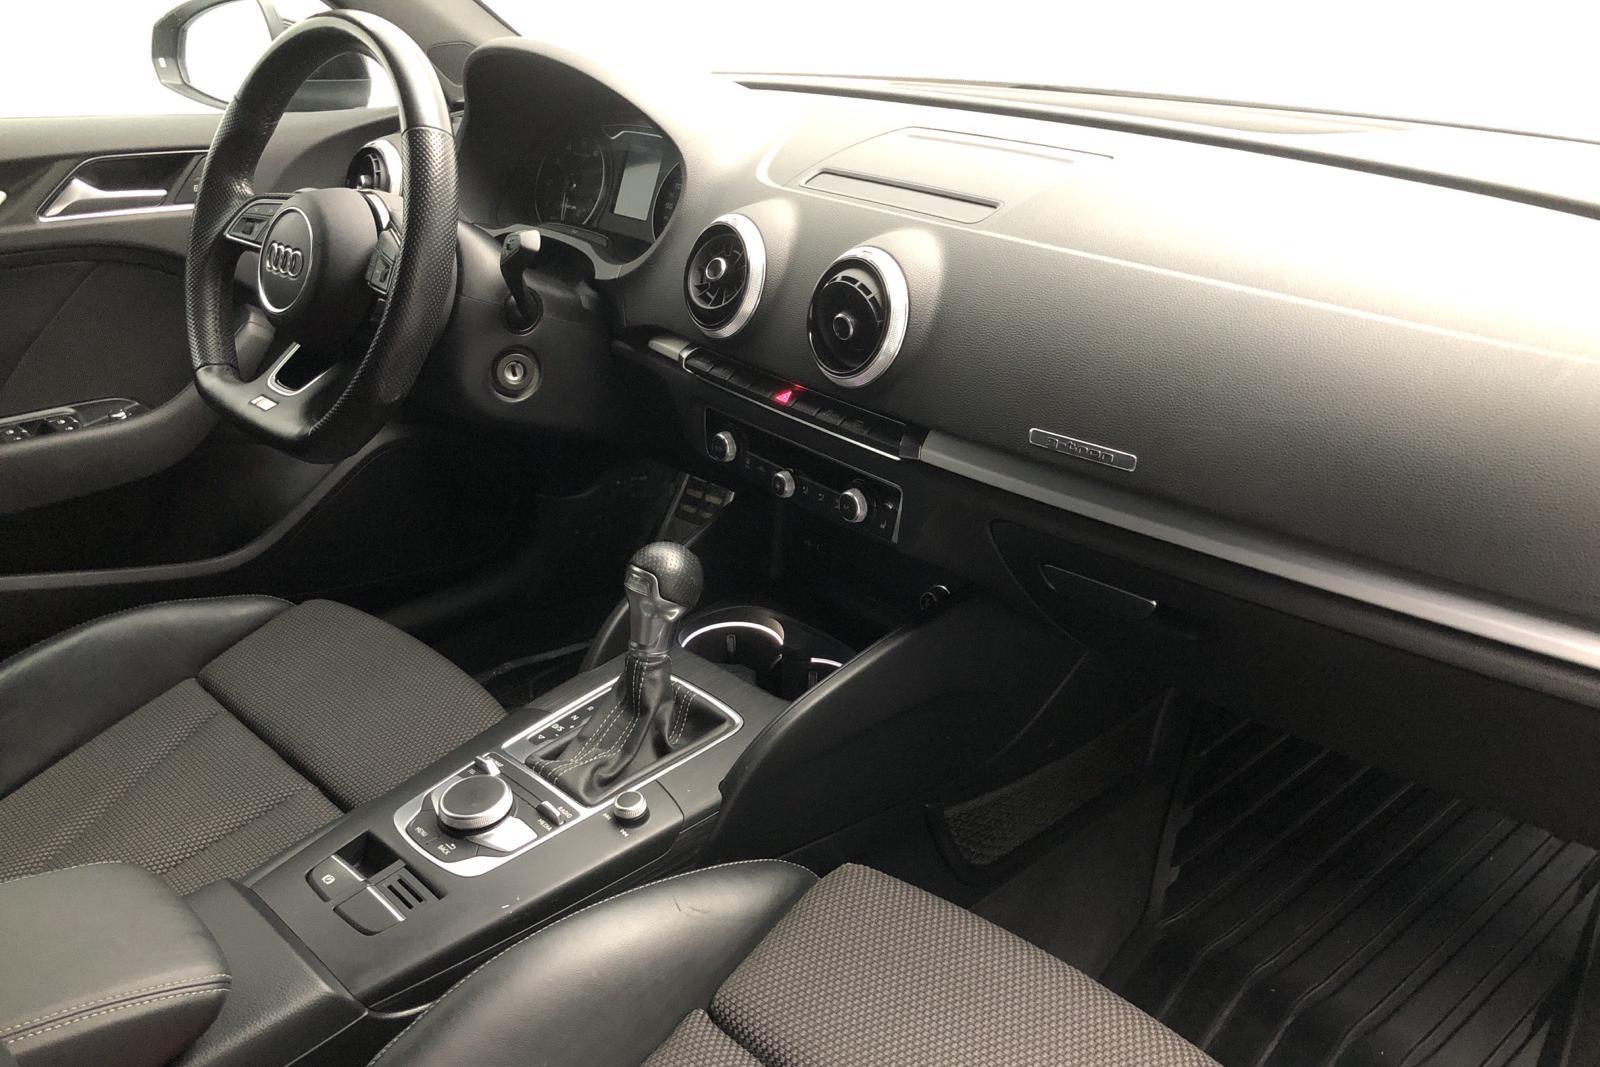 Audi A3 1.4 TFSI g-tron Sportback (110hk) - 114 980 km - Automatic - black - 2018